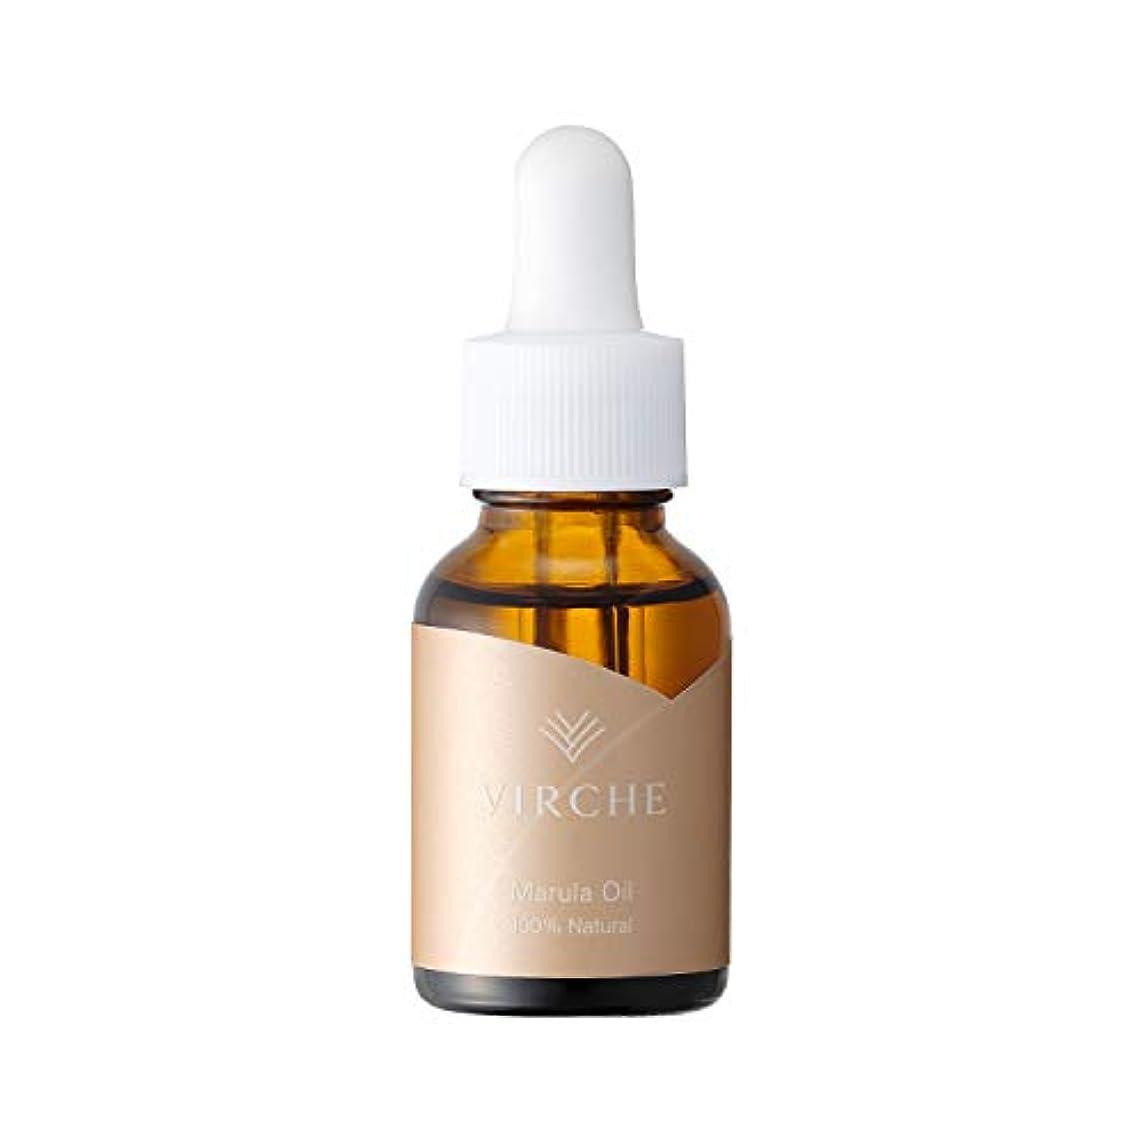 カロリーいちゃつくお世話になったマルラオイル(Marula Oil)国内で品質管理/無香料/防腐剤、香料、着色料すべて無添加の美容オイル/18ml(髪など全身に使えて約30日分)